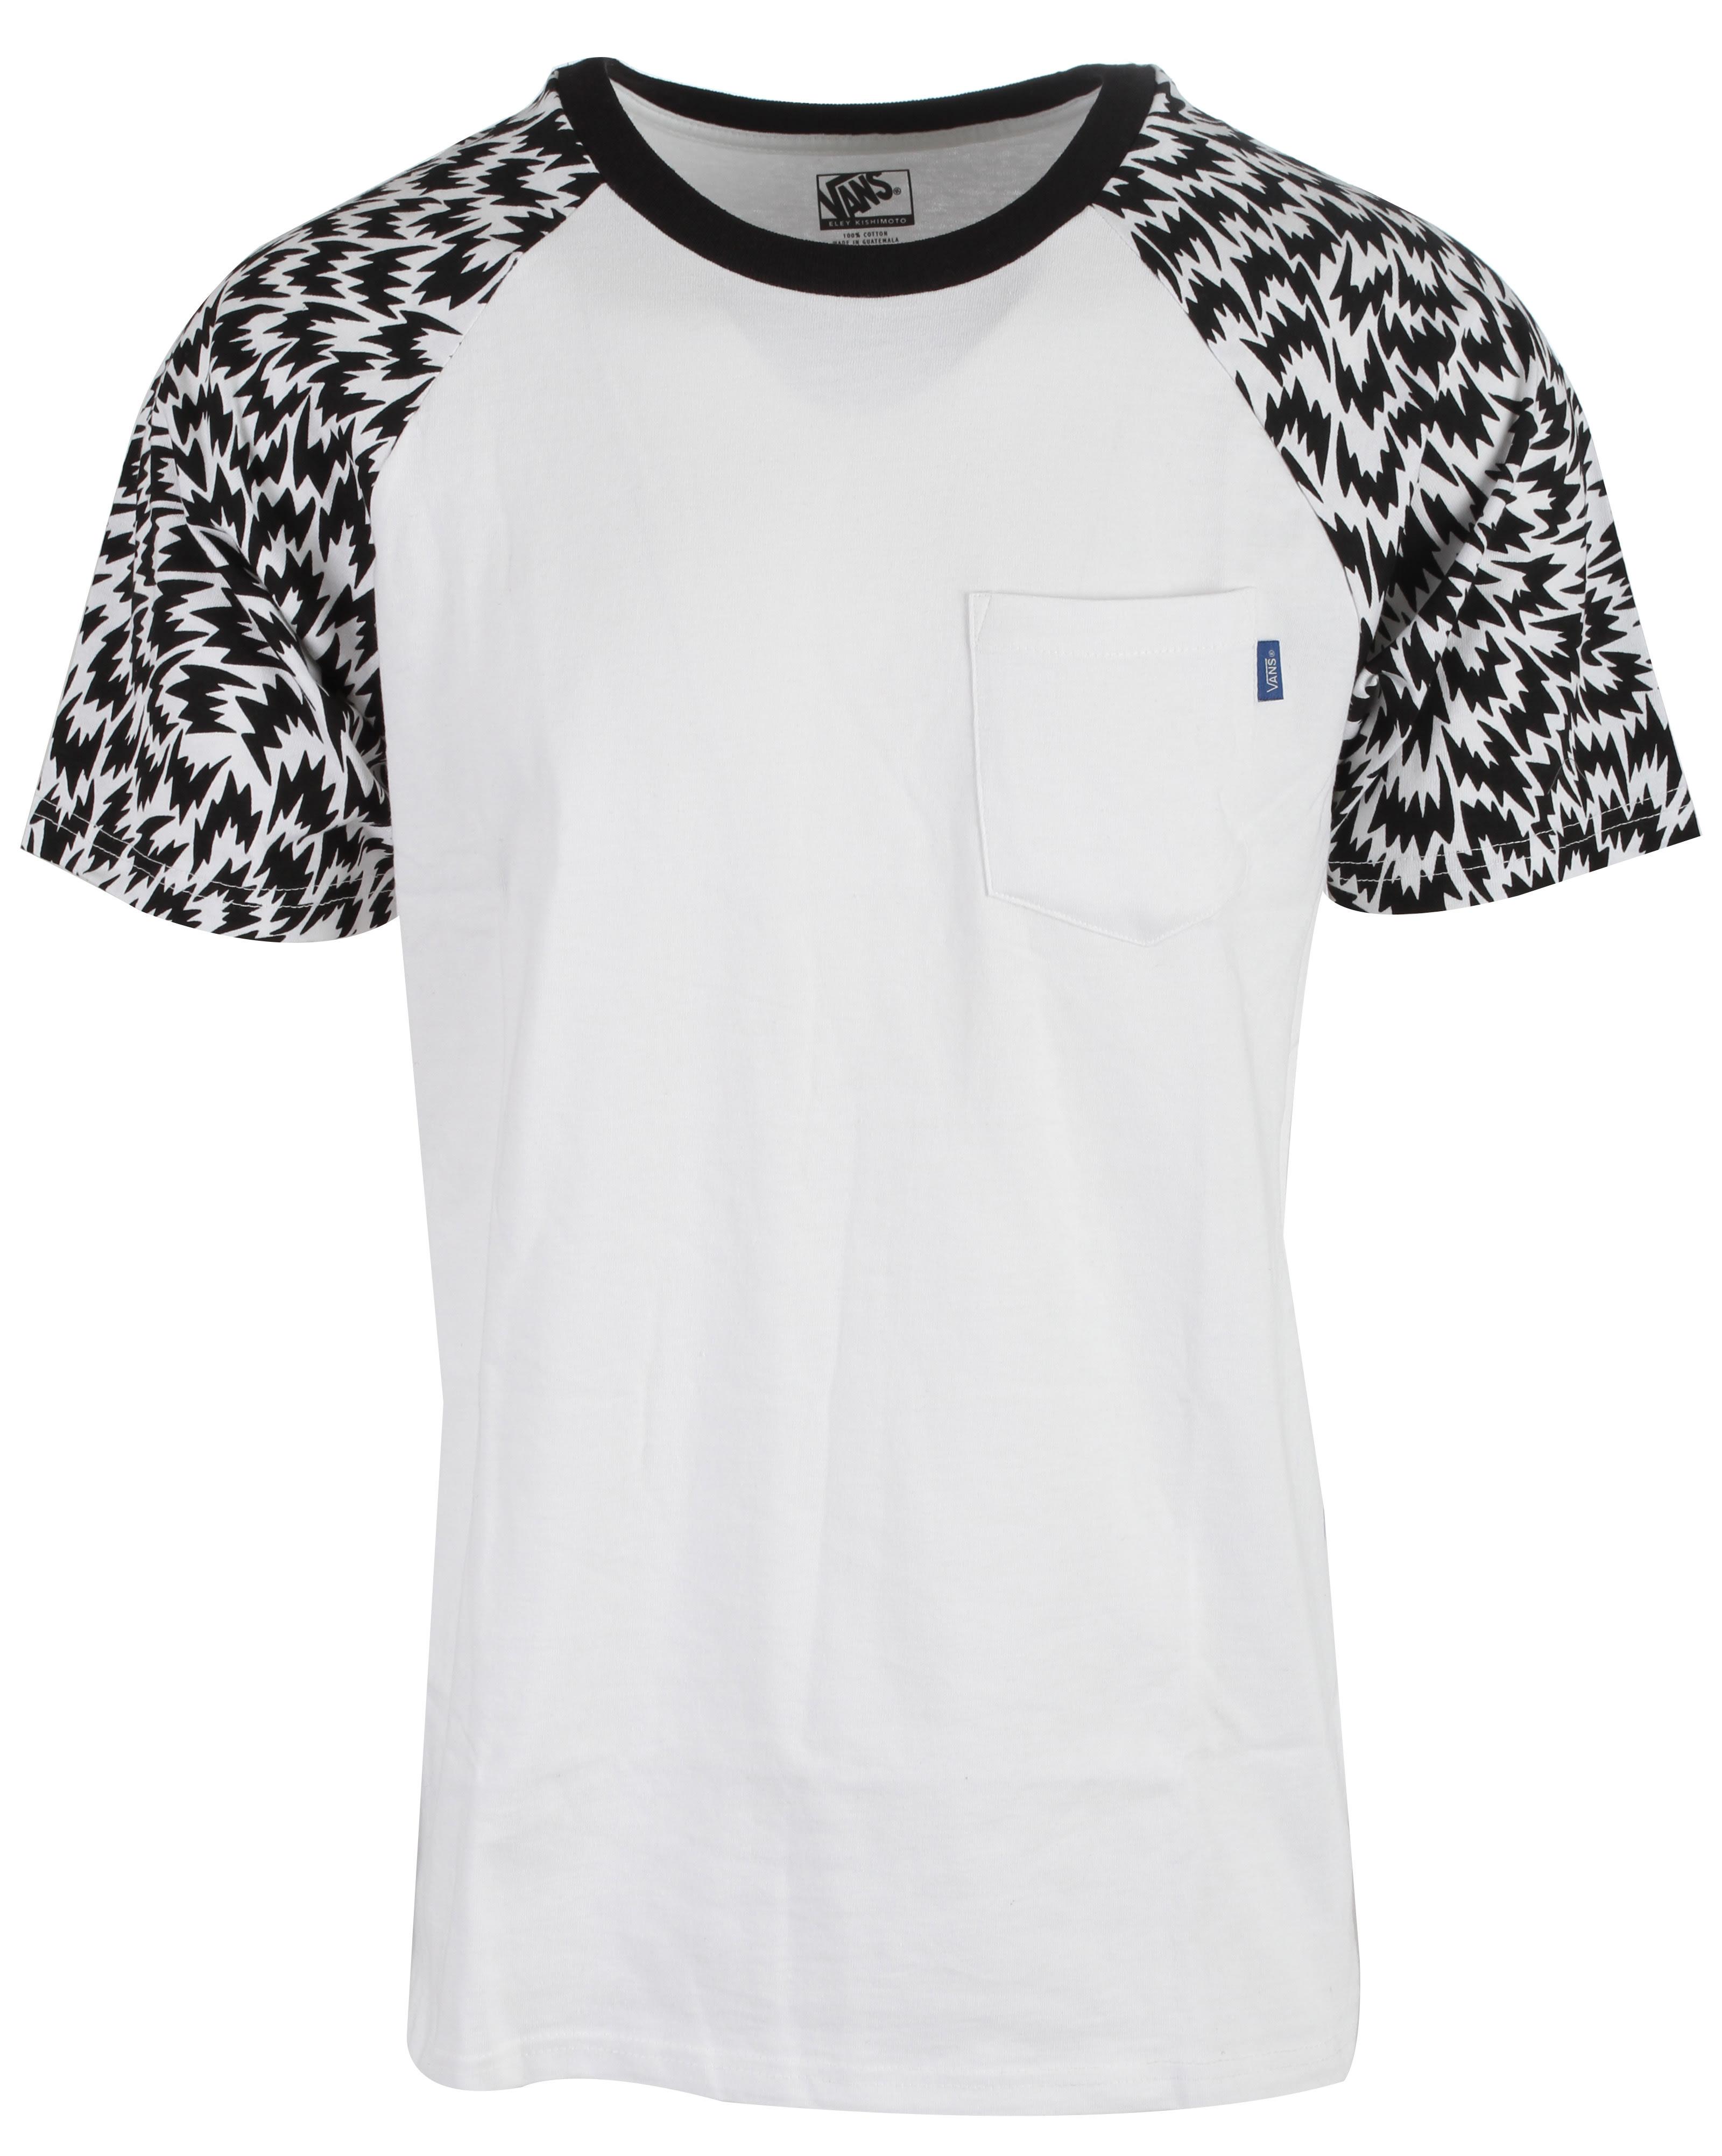 On Sale Vans Kishimoto Raglan T Shirt Up To 50 Off